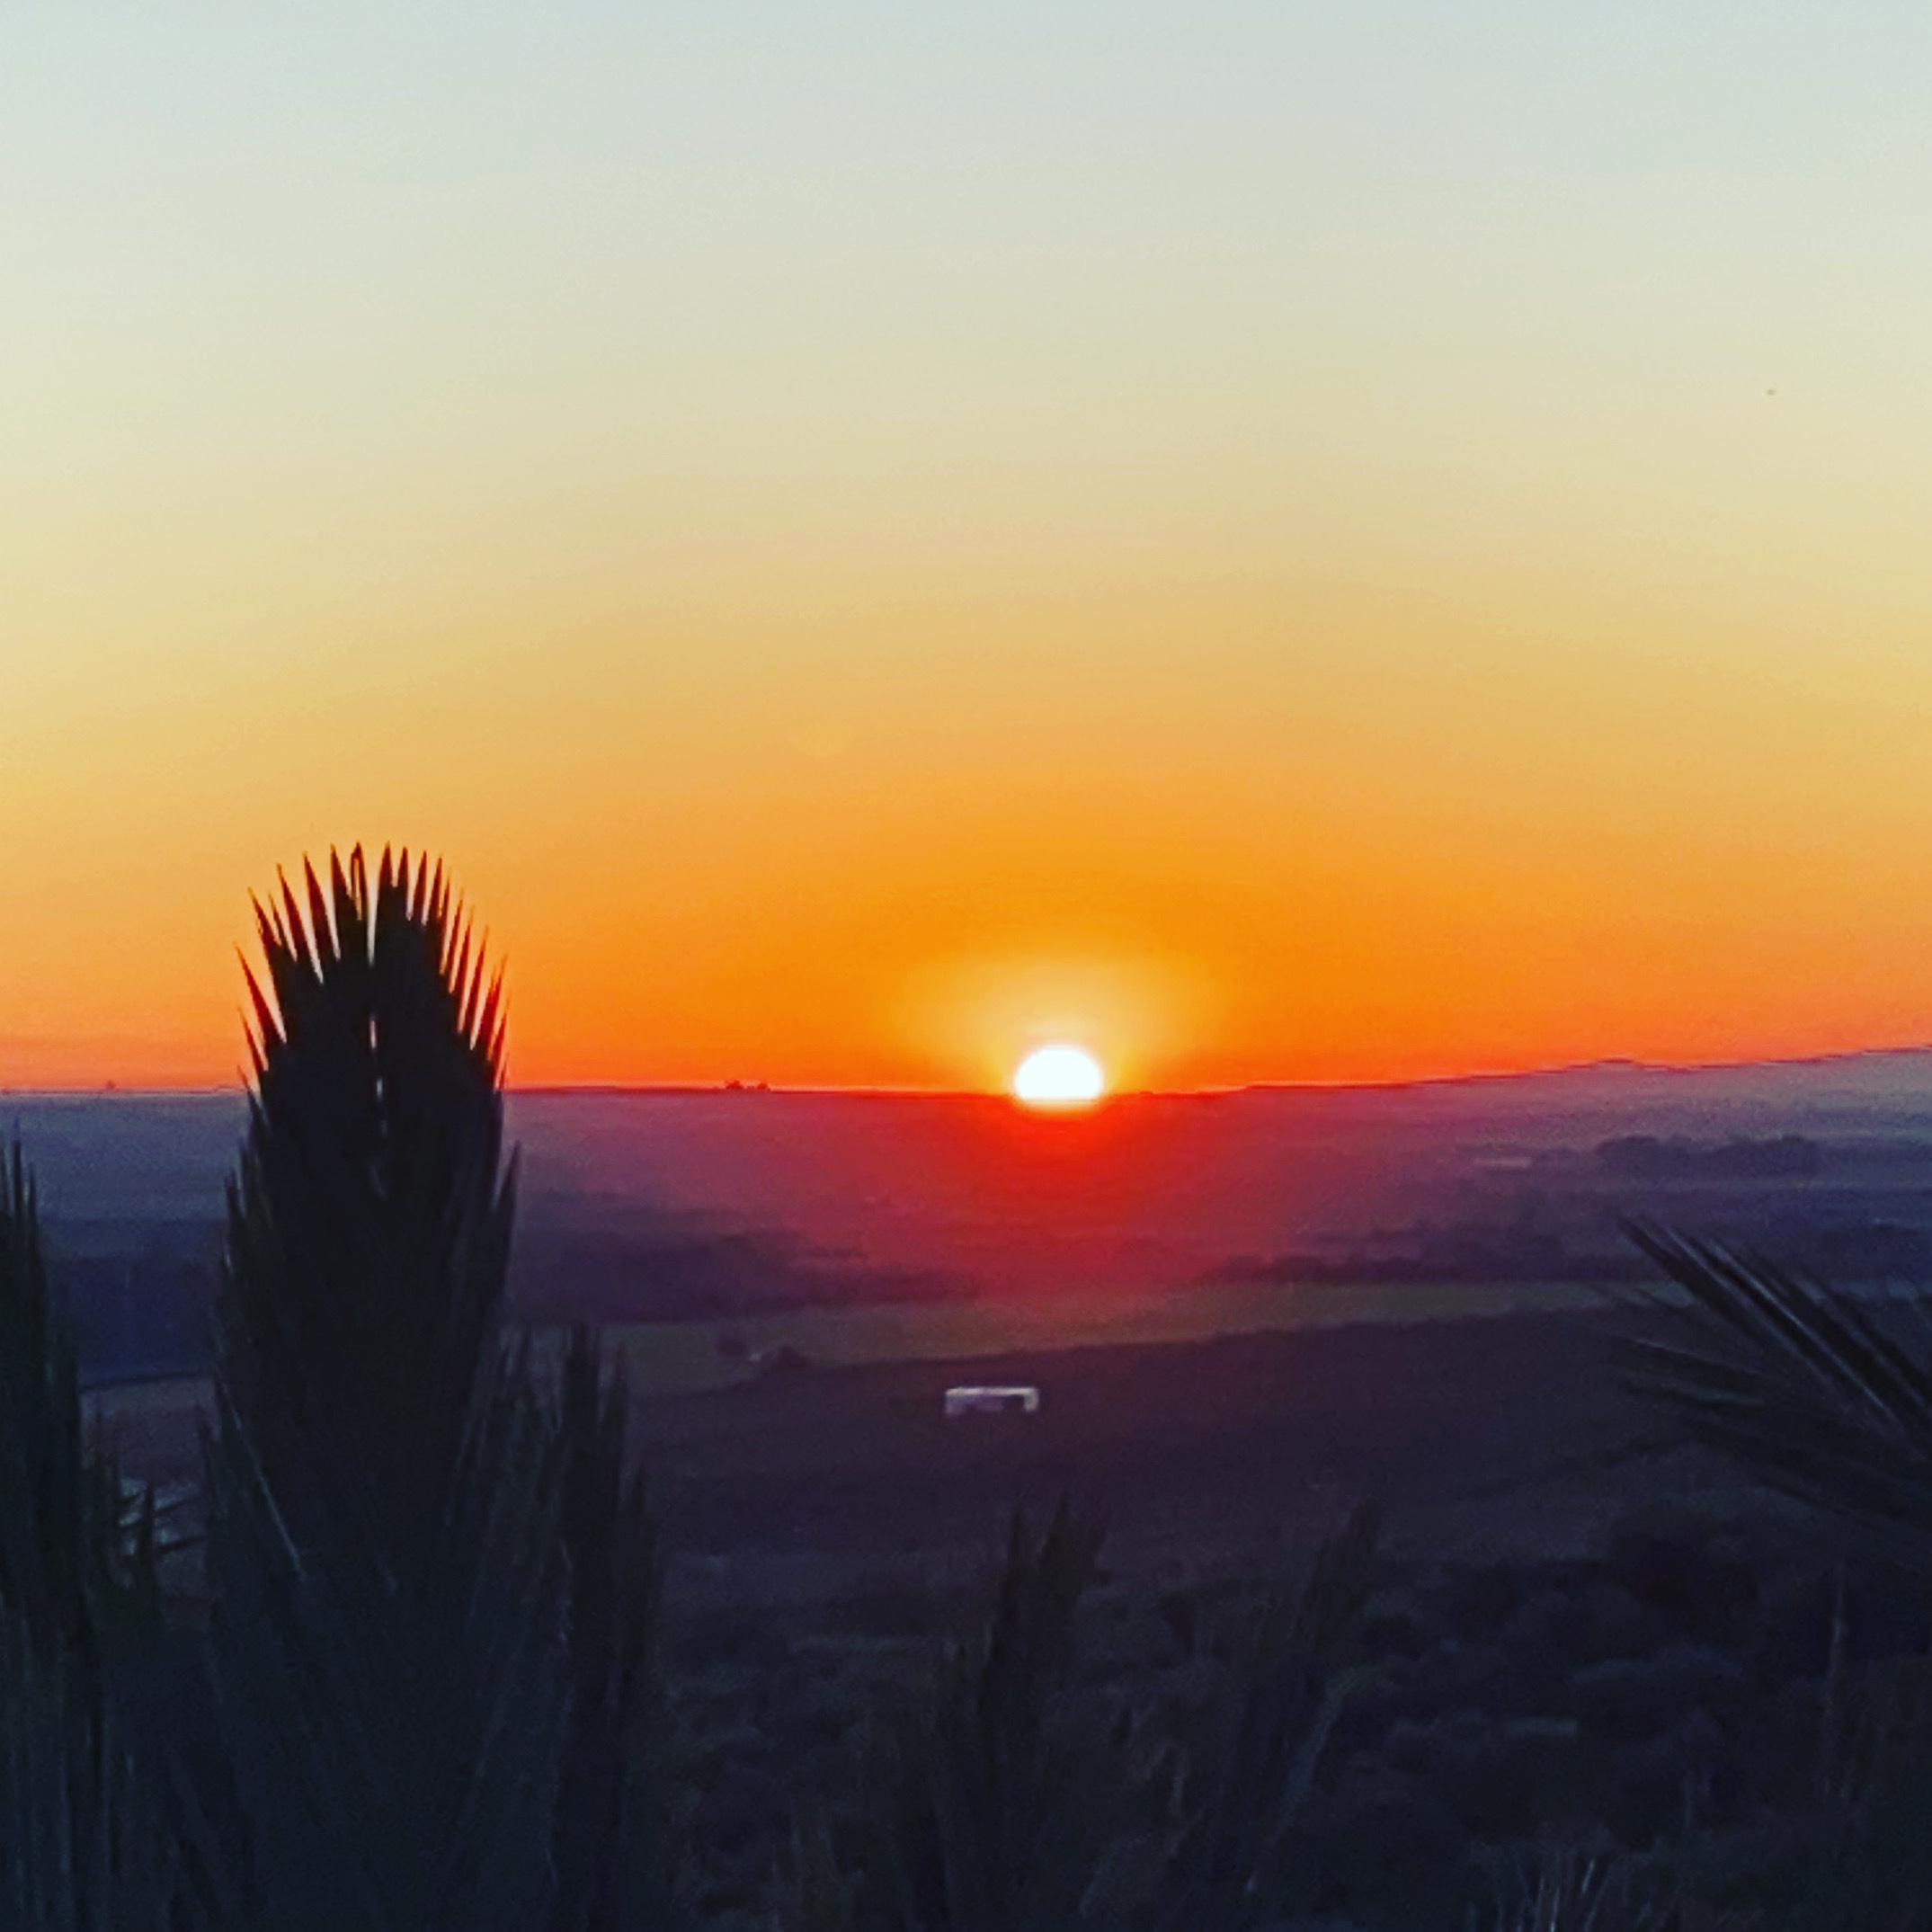 スペインの静かな土曜日_c0026612_02284390.jpeg